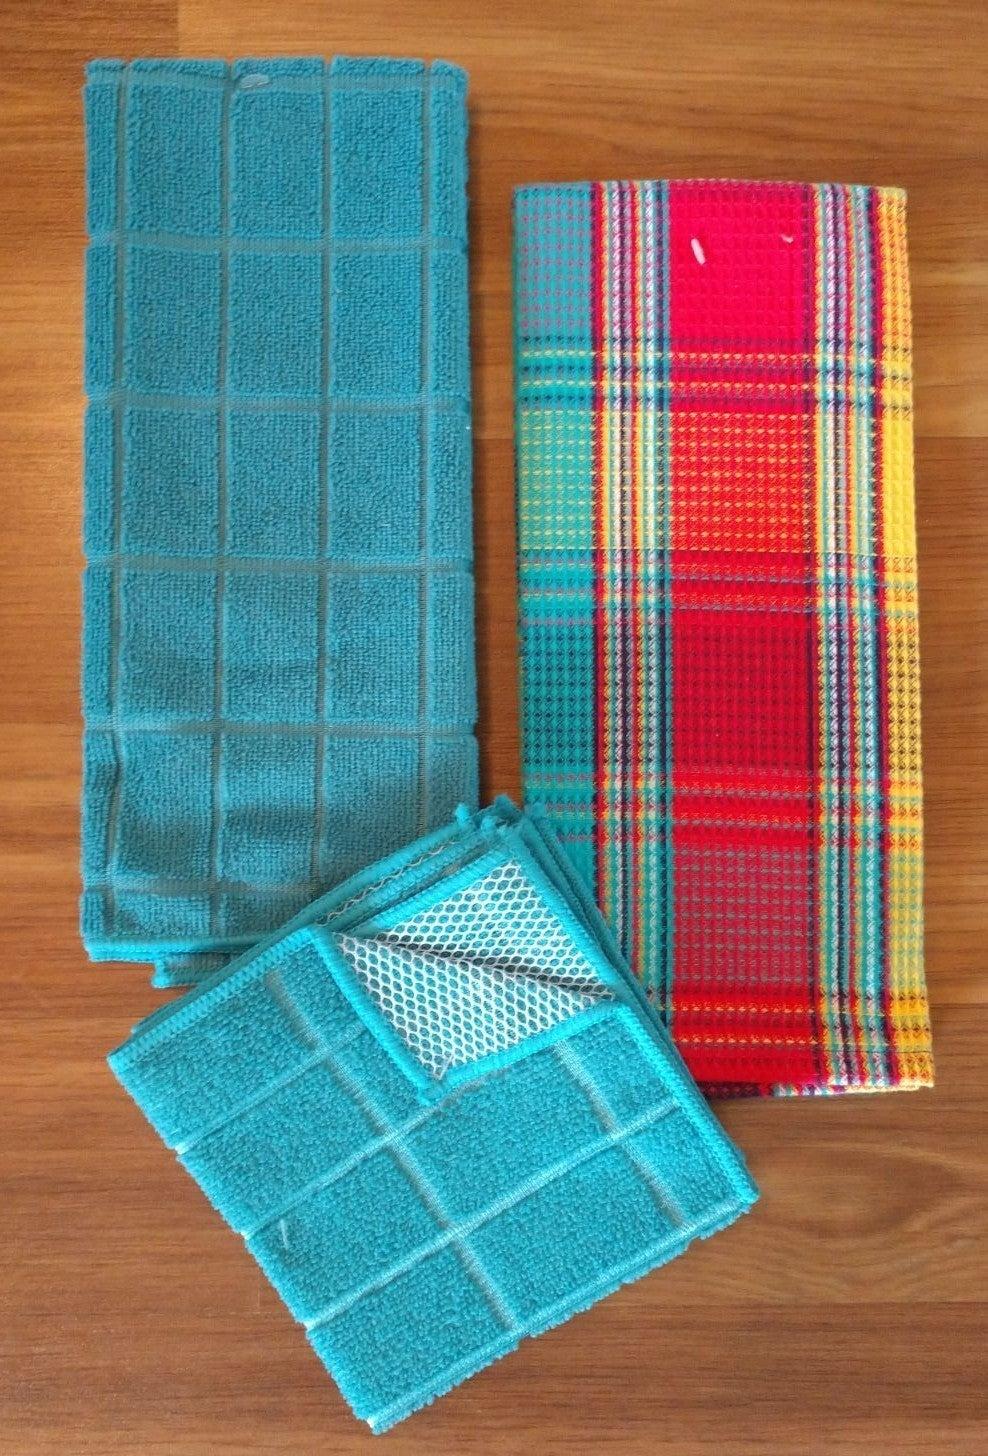 Teal Kitchen Towel Set/4